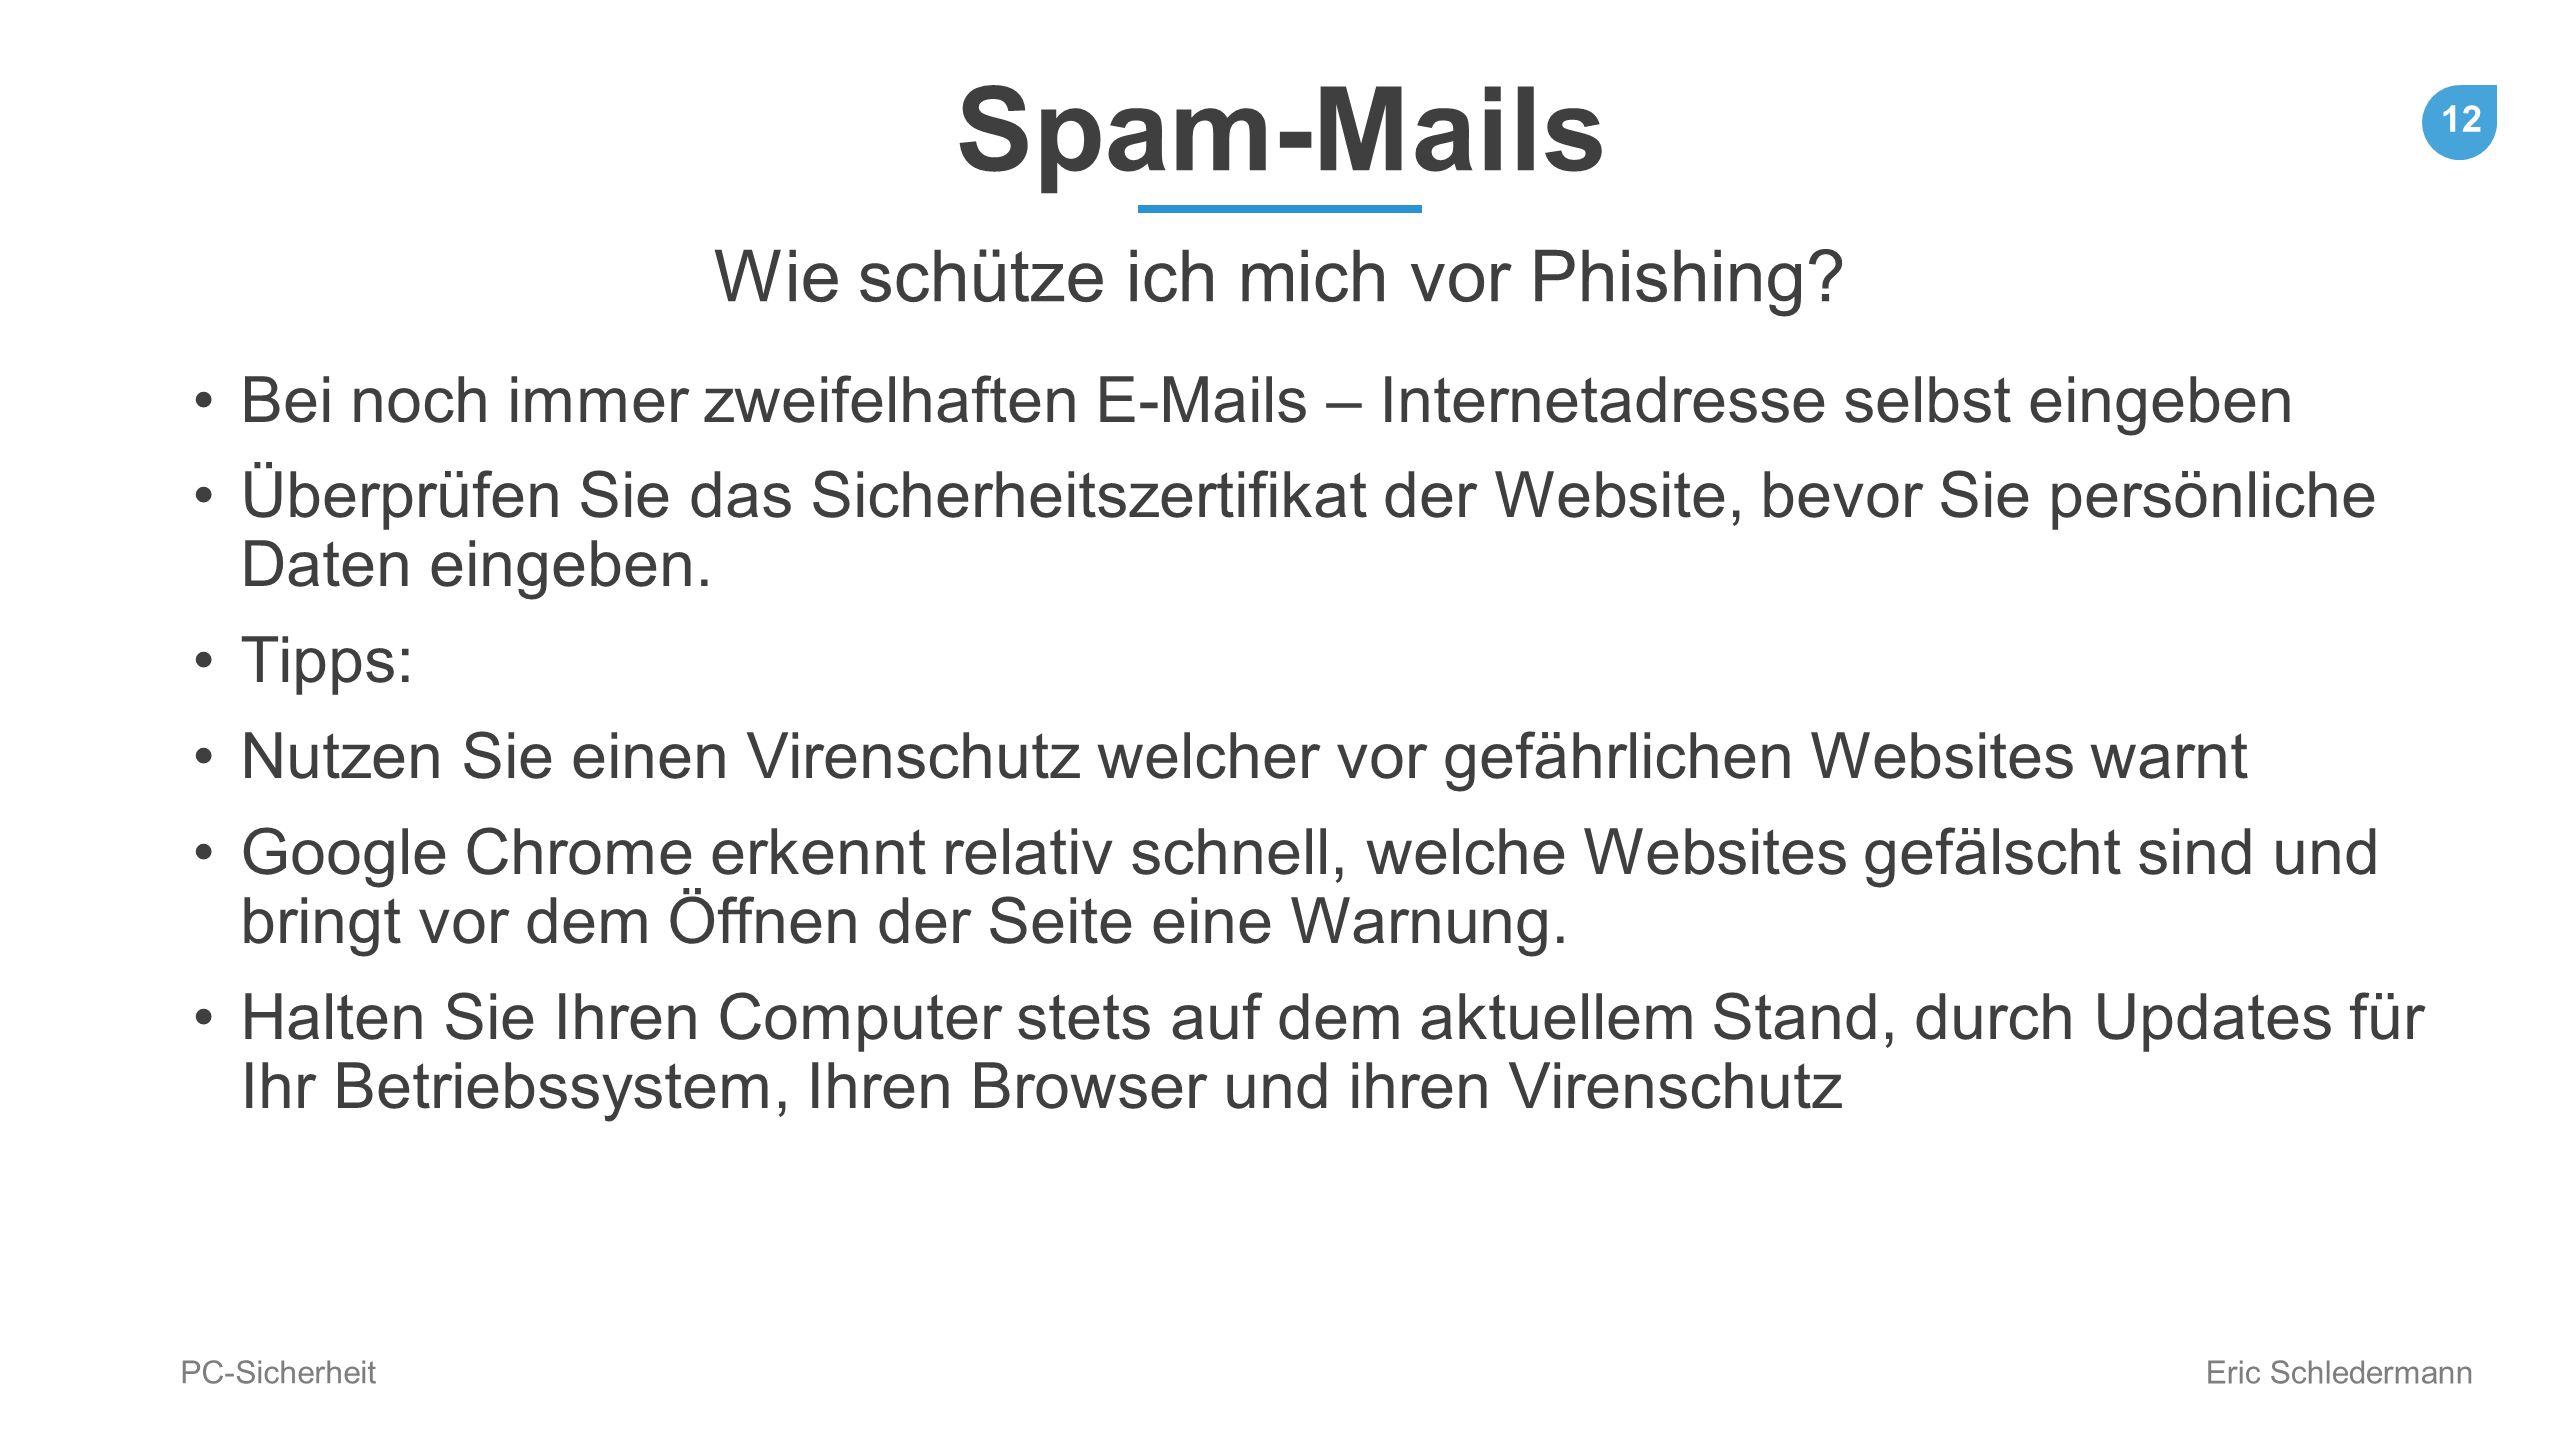 Wie schütze ich mich vor Phishing